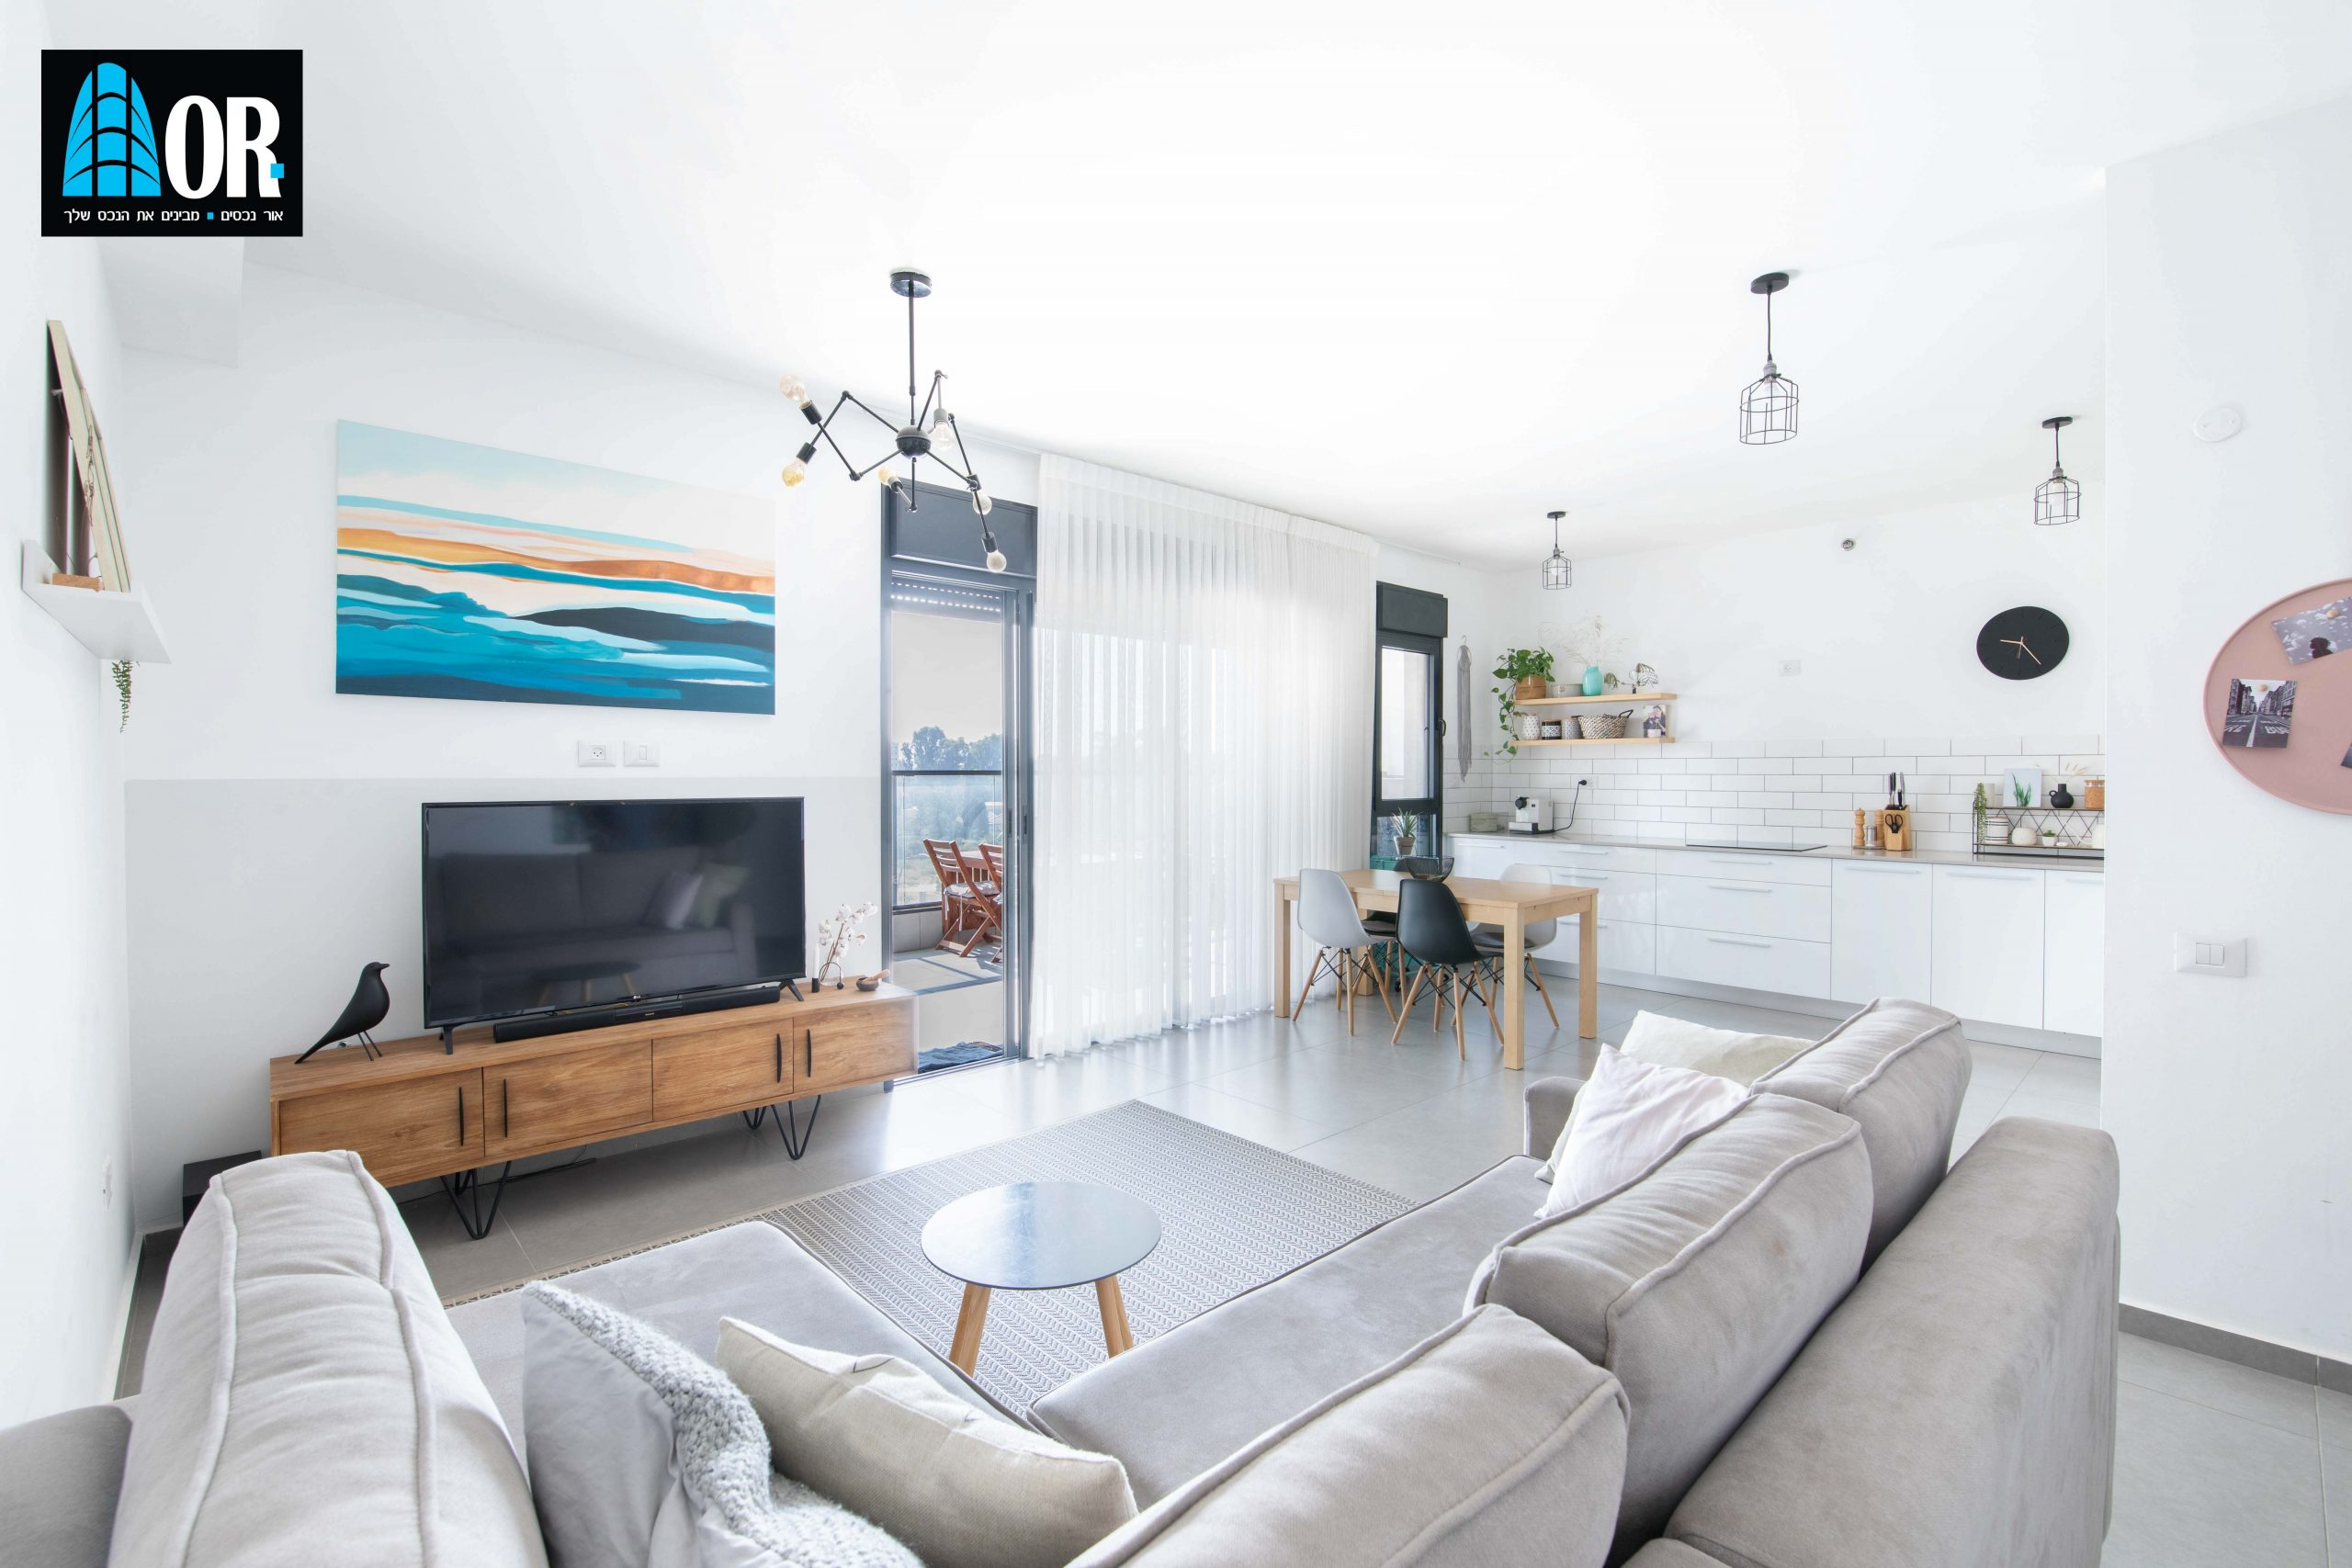 סלון דירה 4 חדרים בשכונת צמרות